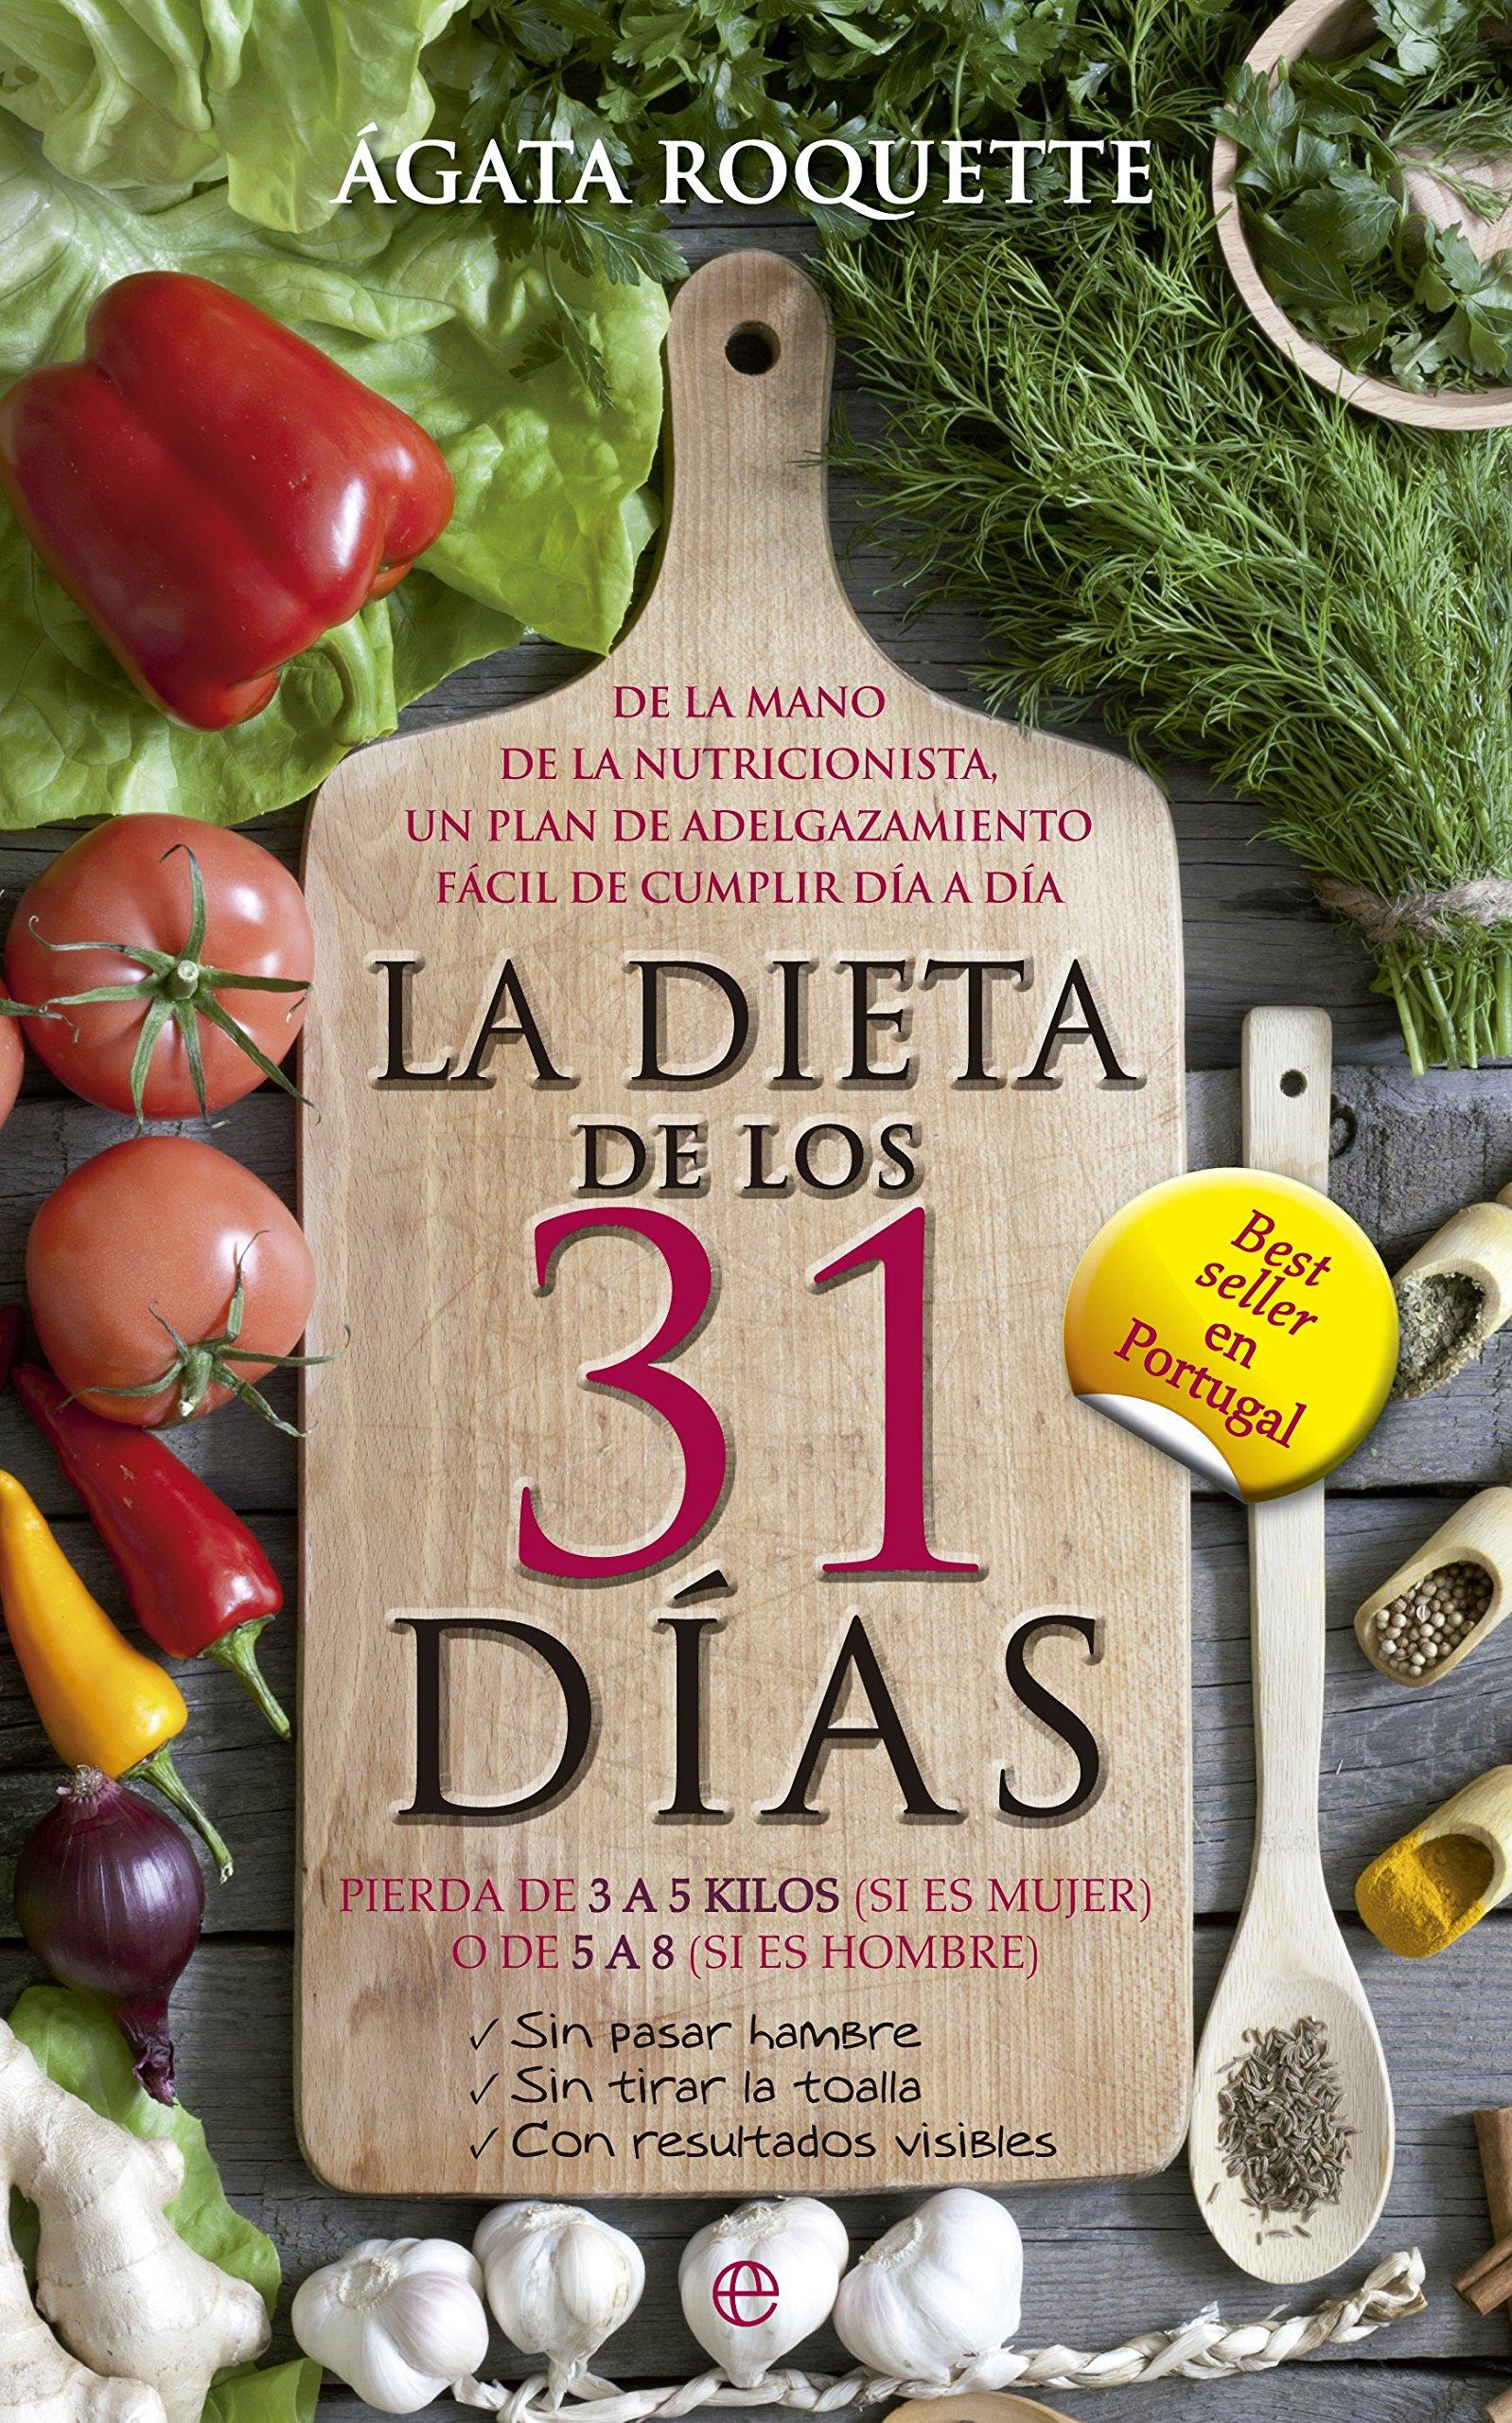 La dieta de los 31 días : pierda de 3 a 5 kilos (si es mujer ...